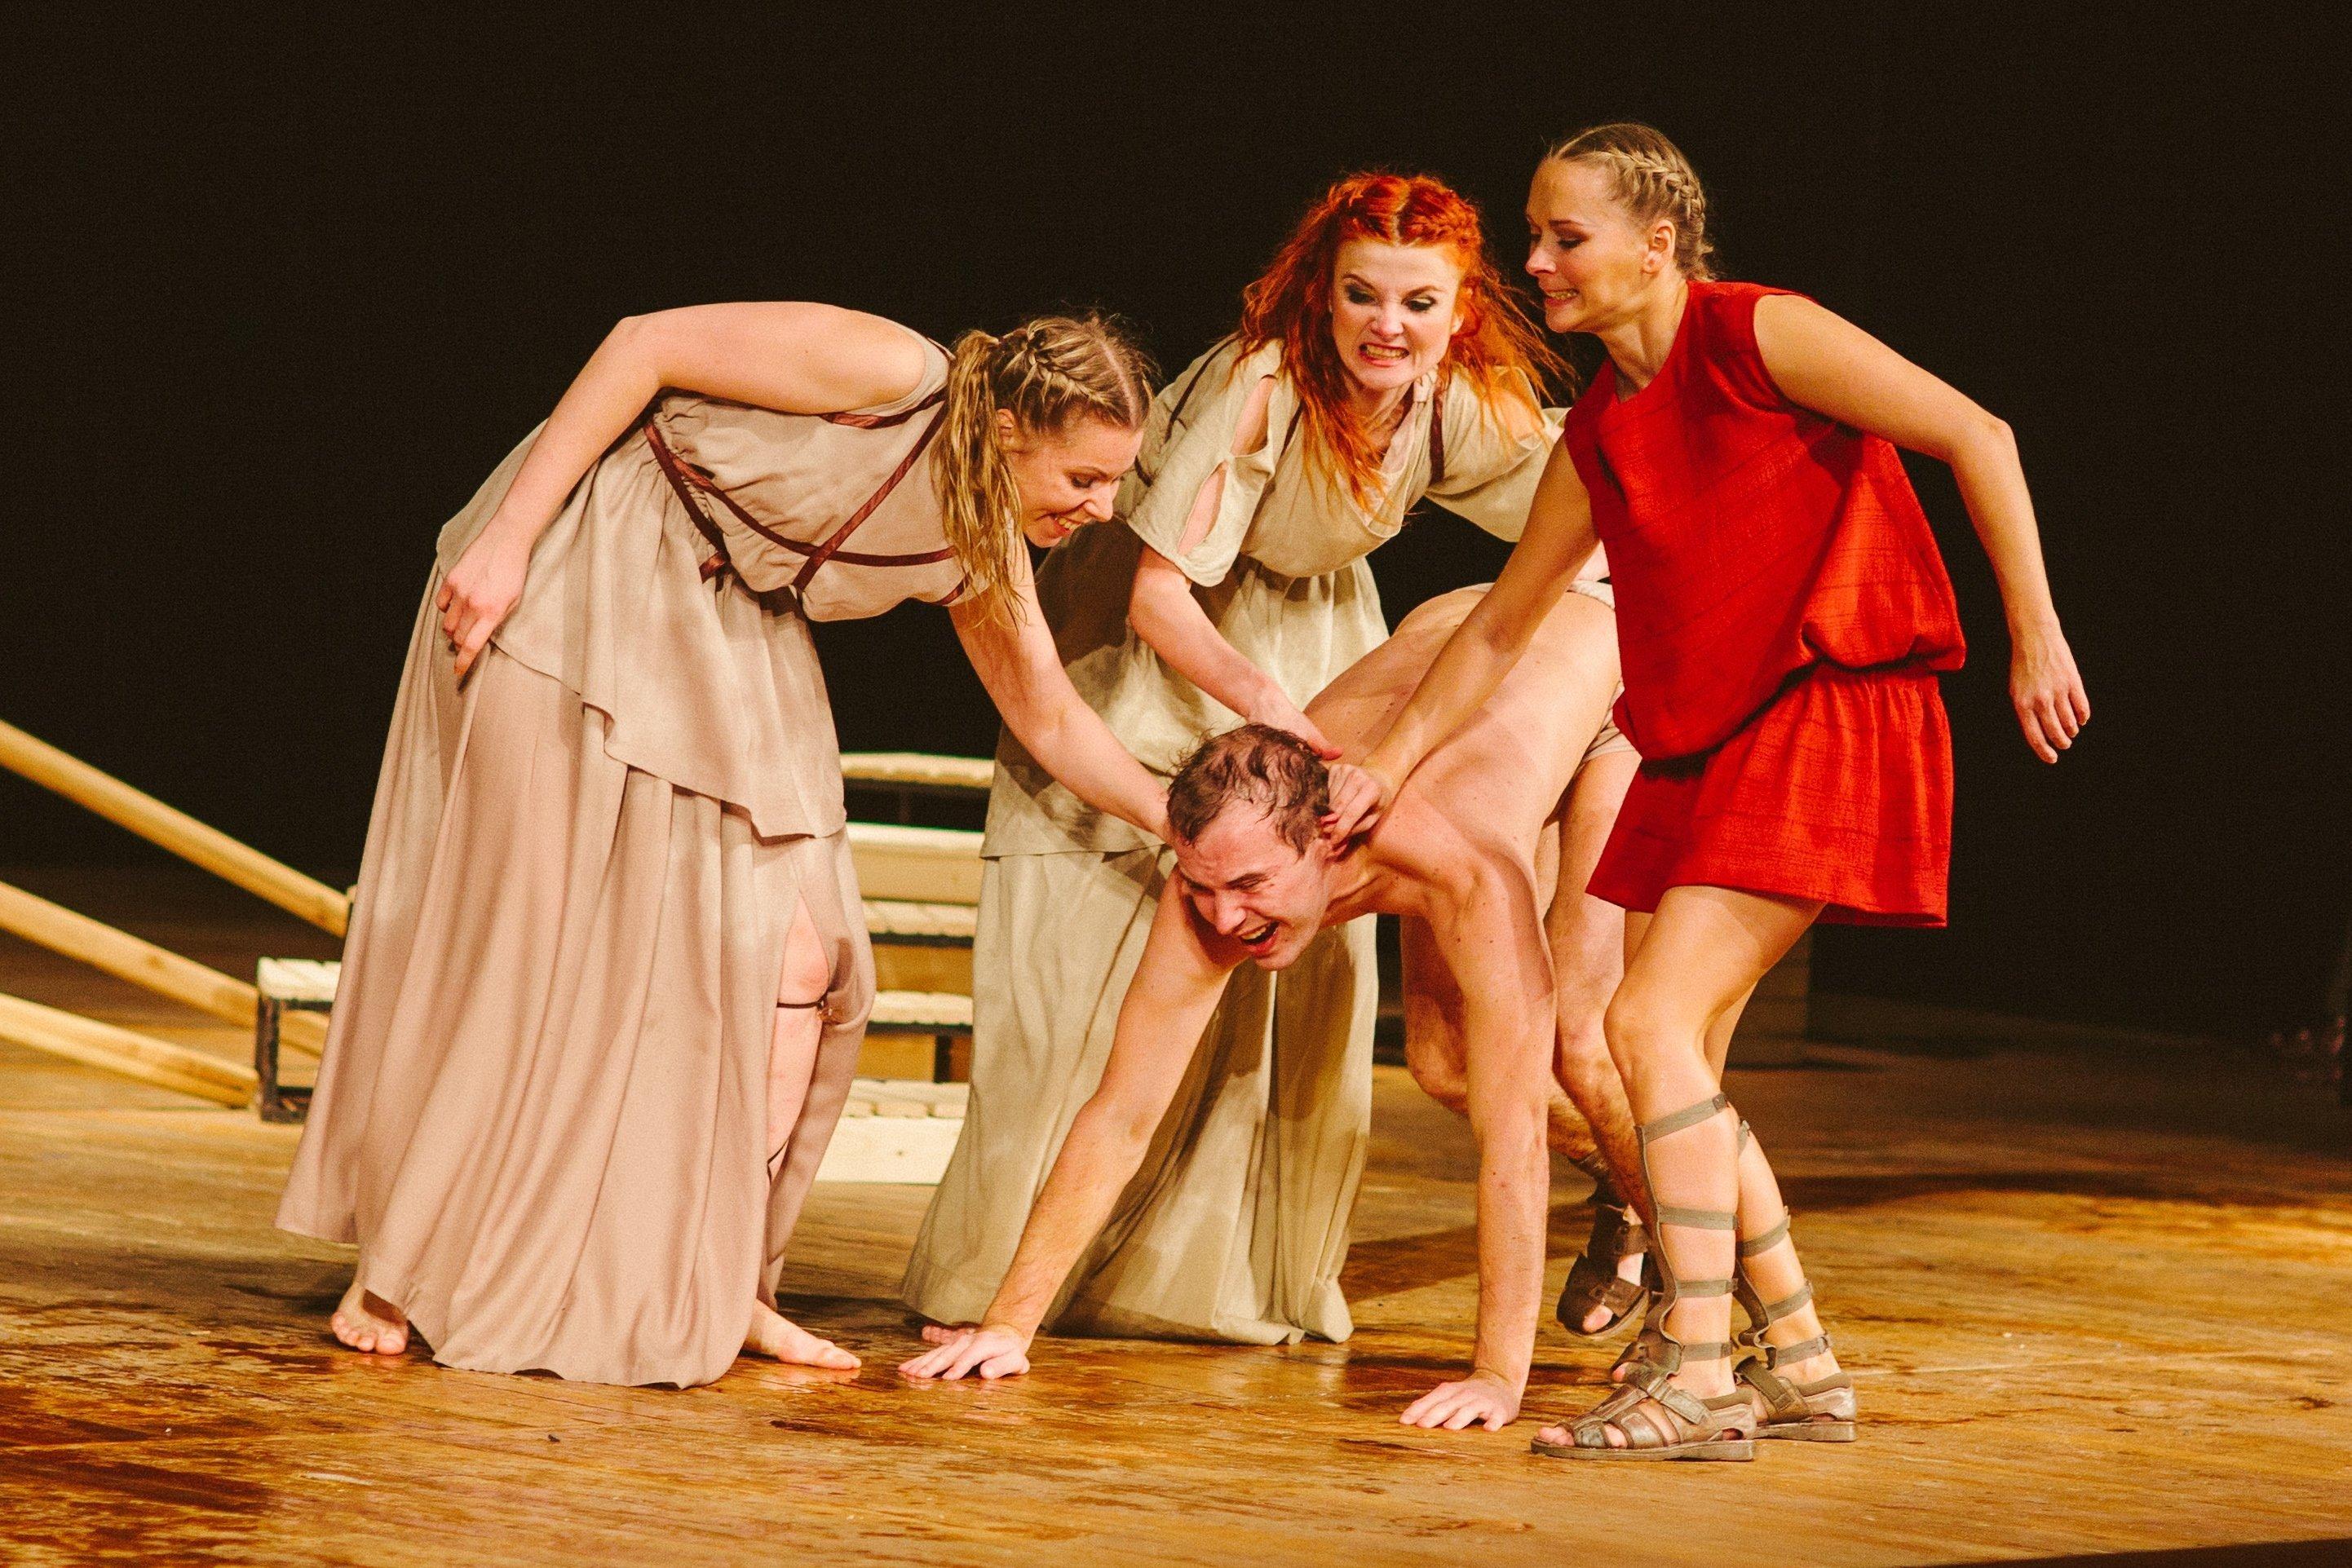 Театр с голыми актрисами, полная версия спектакля с голыми артистами на сцене 29 фотография